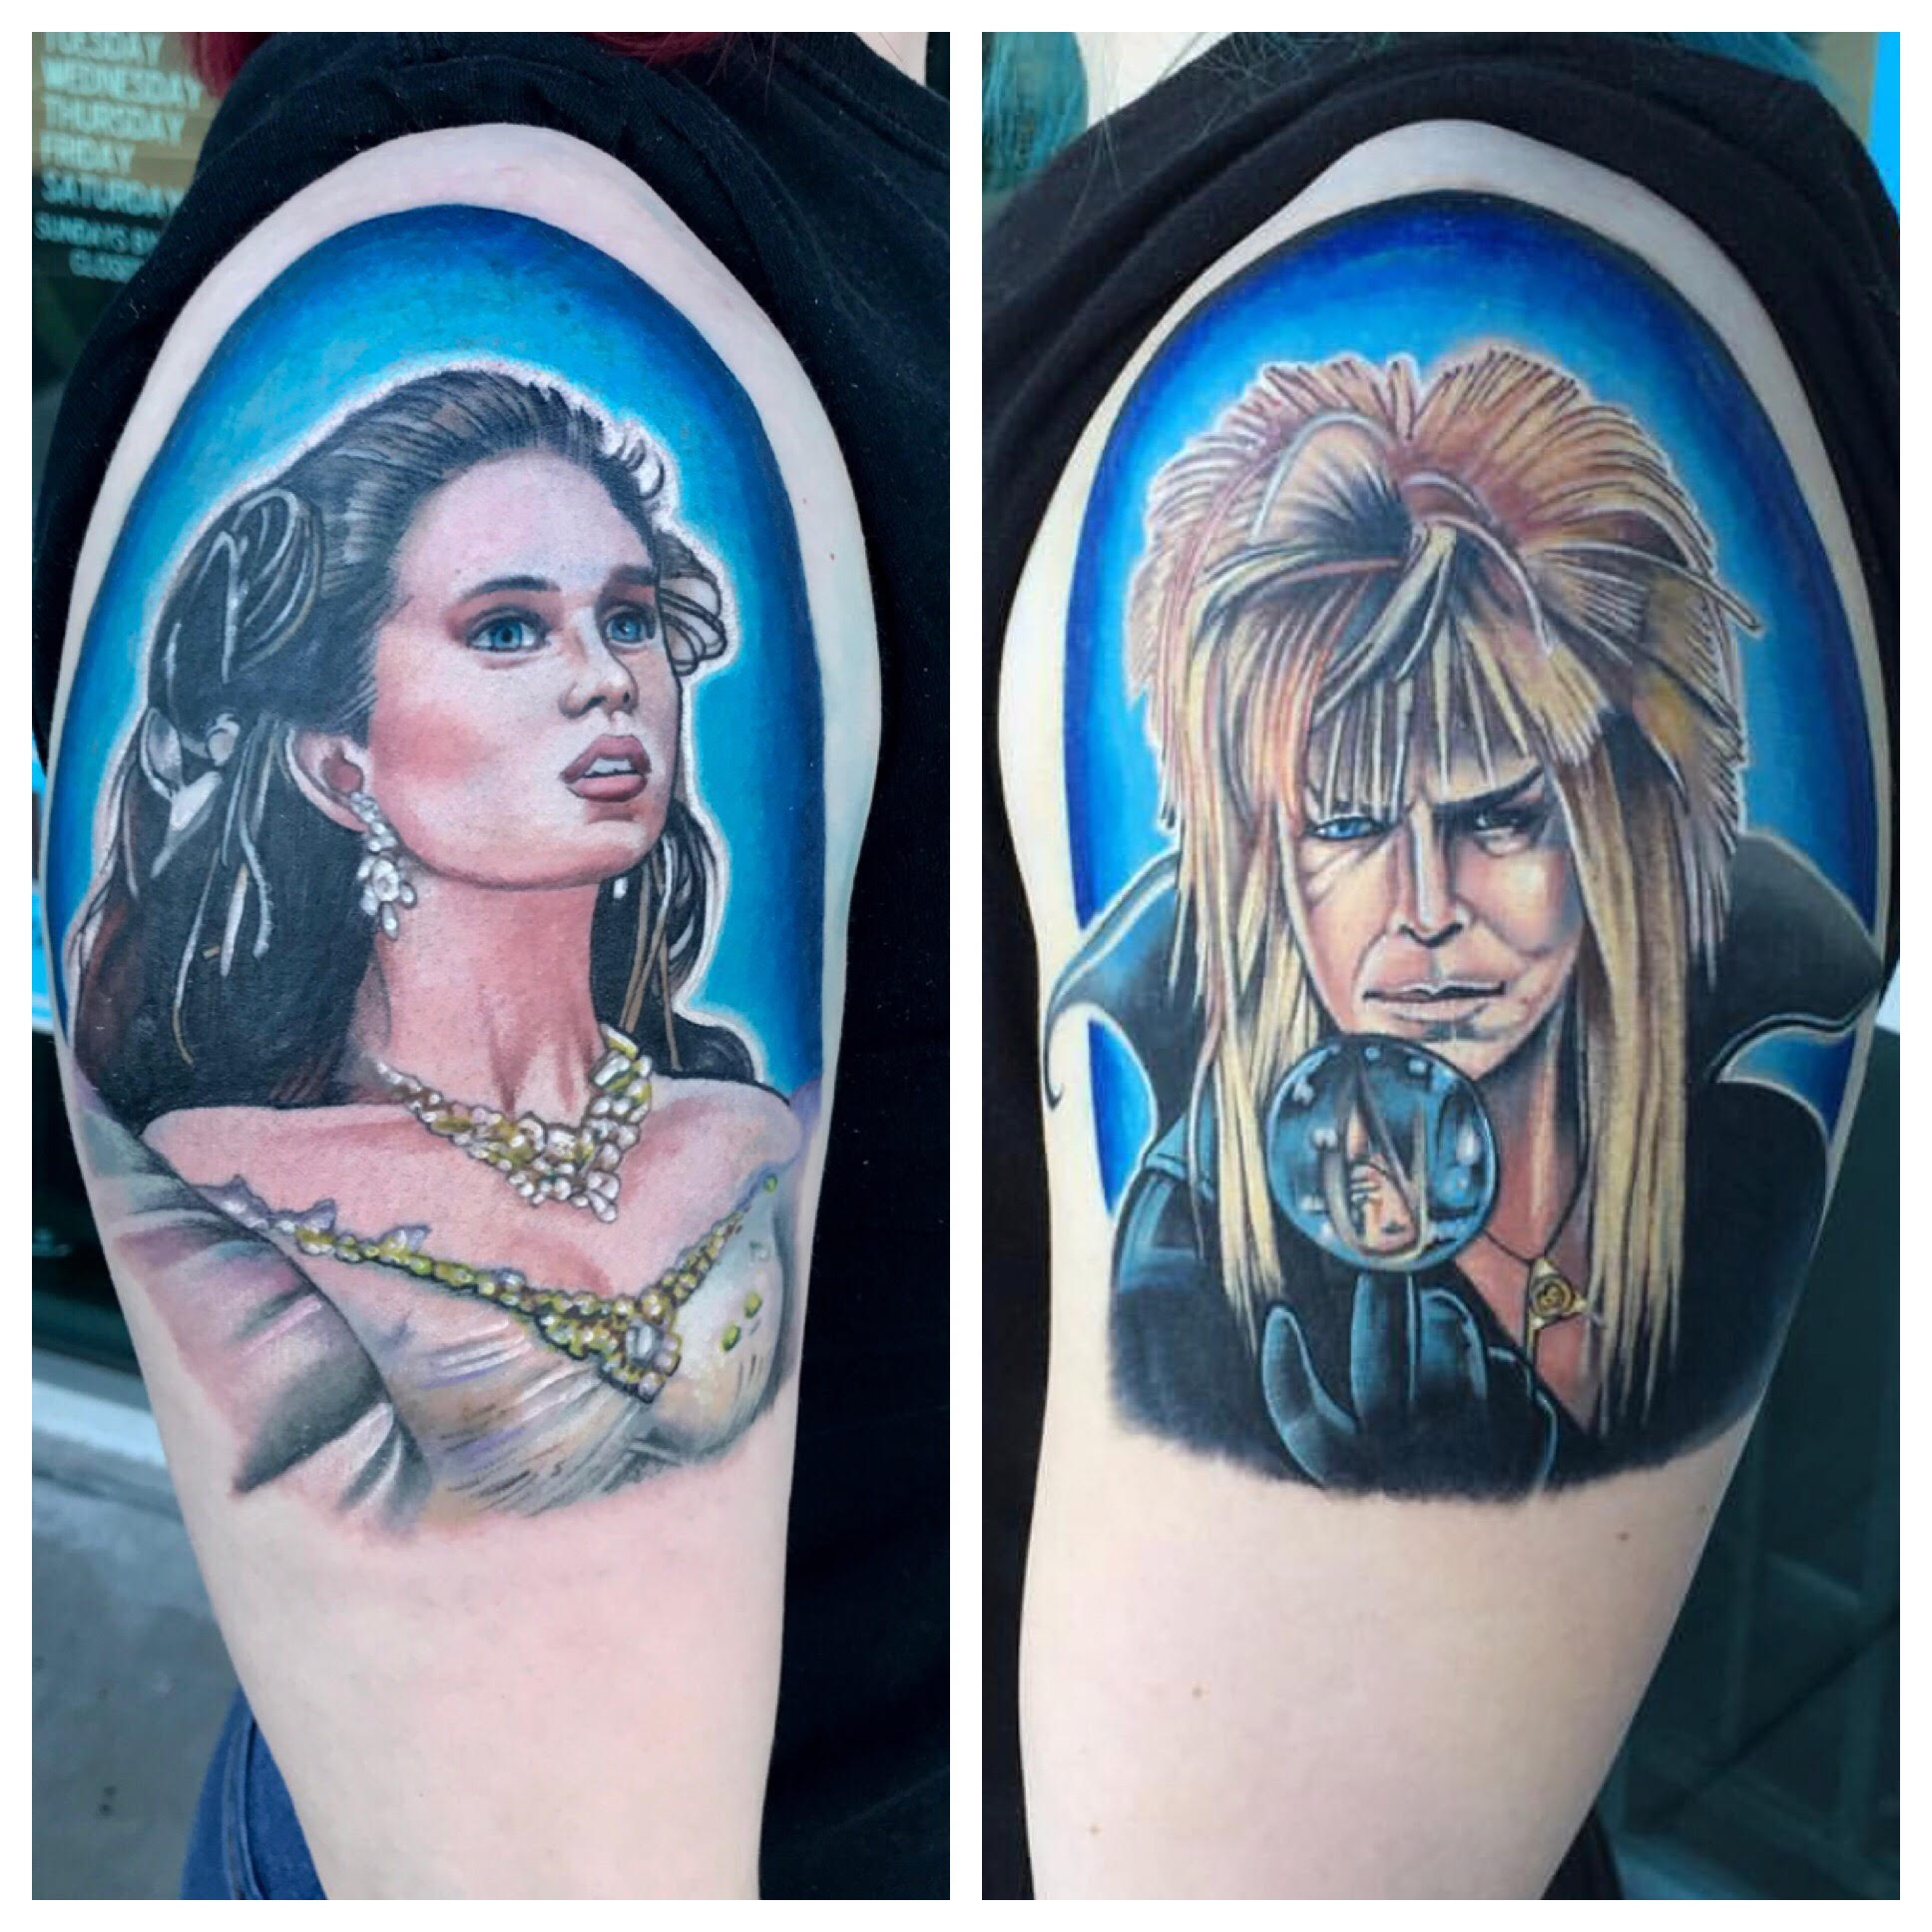 Labyrinth tattoos by Krystof